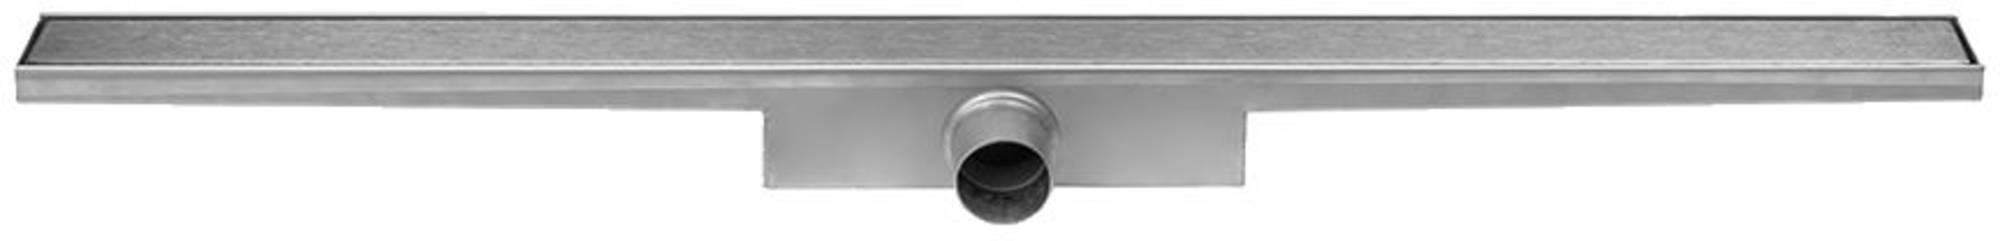 Easydrain Compact zero afvoergoot 6x70 cm, zijuitlaat, rvs